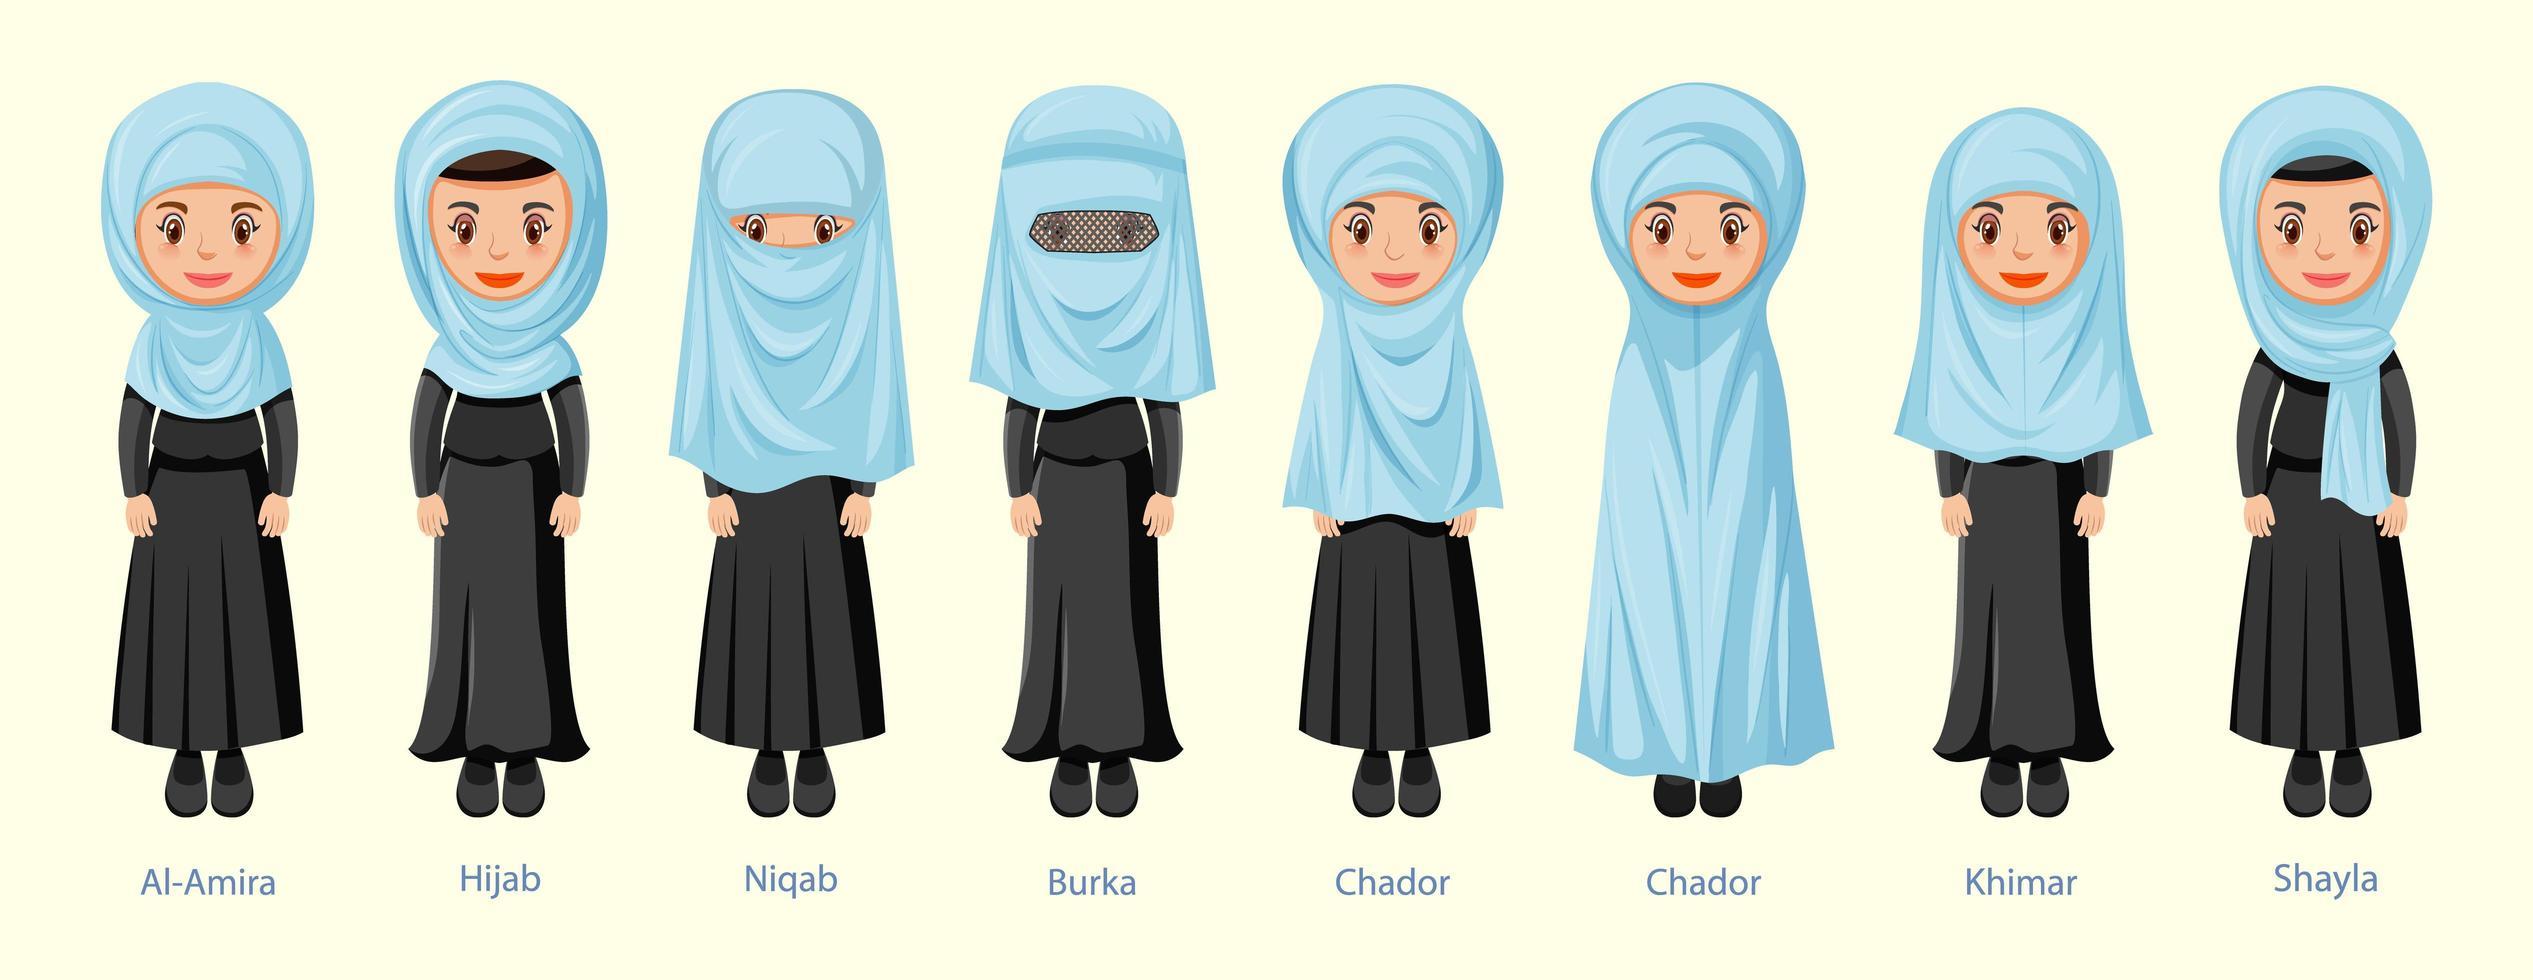 Scarica subito l'illustrazione vettoriale fumetto ragazza con niqab. Types Of Islamic Traditional Women S Veils 1337963 Vector Art At Vecteezy